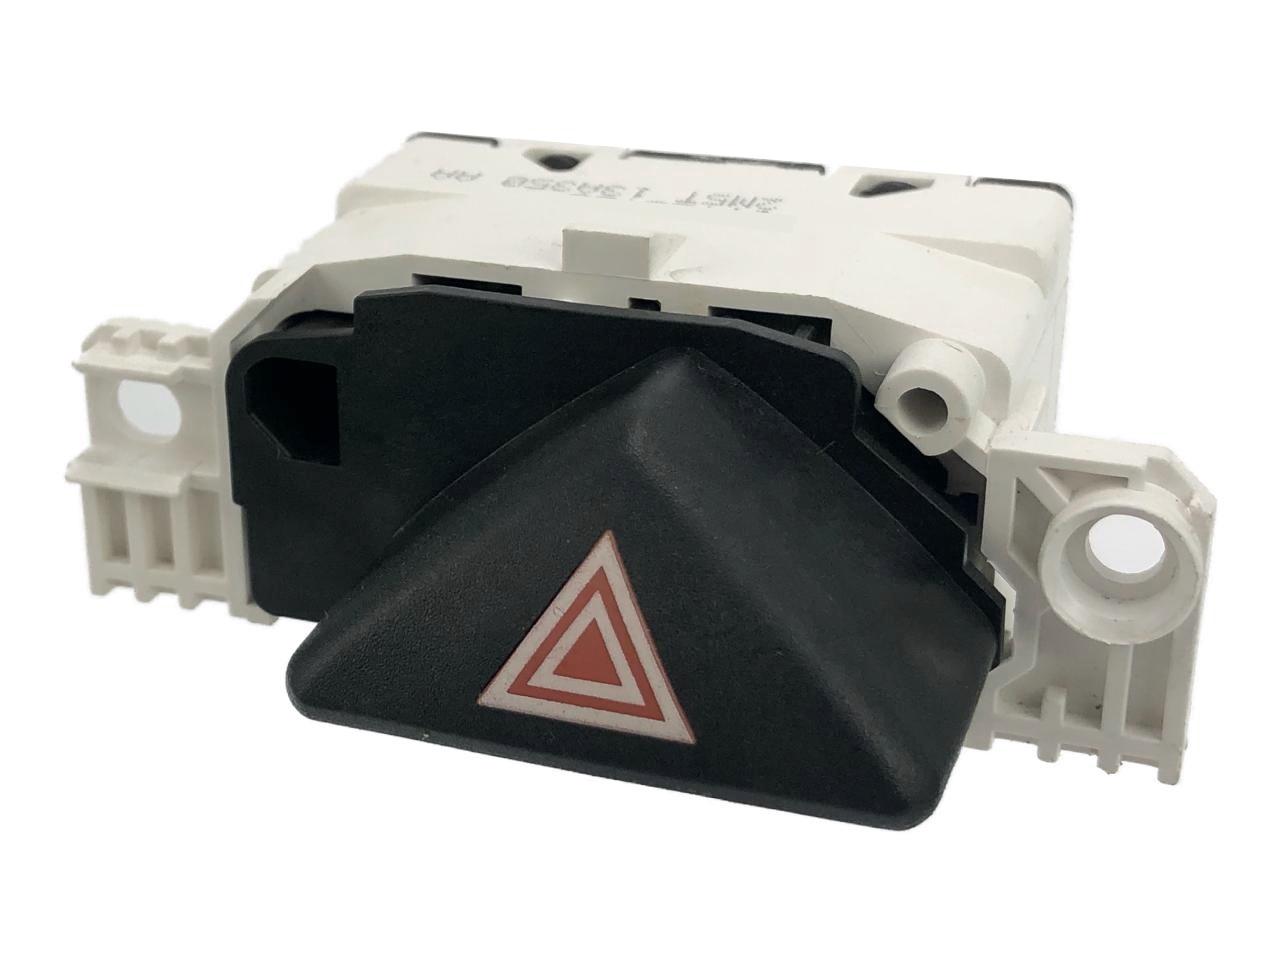 Botão Interruptor de Luz de Emergência Pisca Alerta do Painel 2m5t13a350aa Ford Focus 01 02 03 04 05 06 07 08